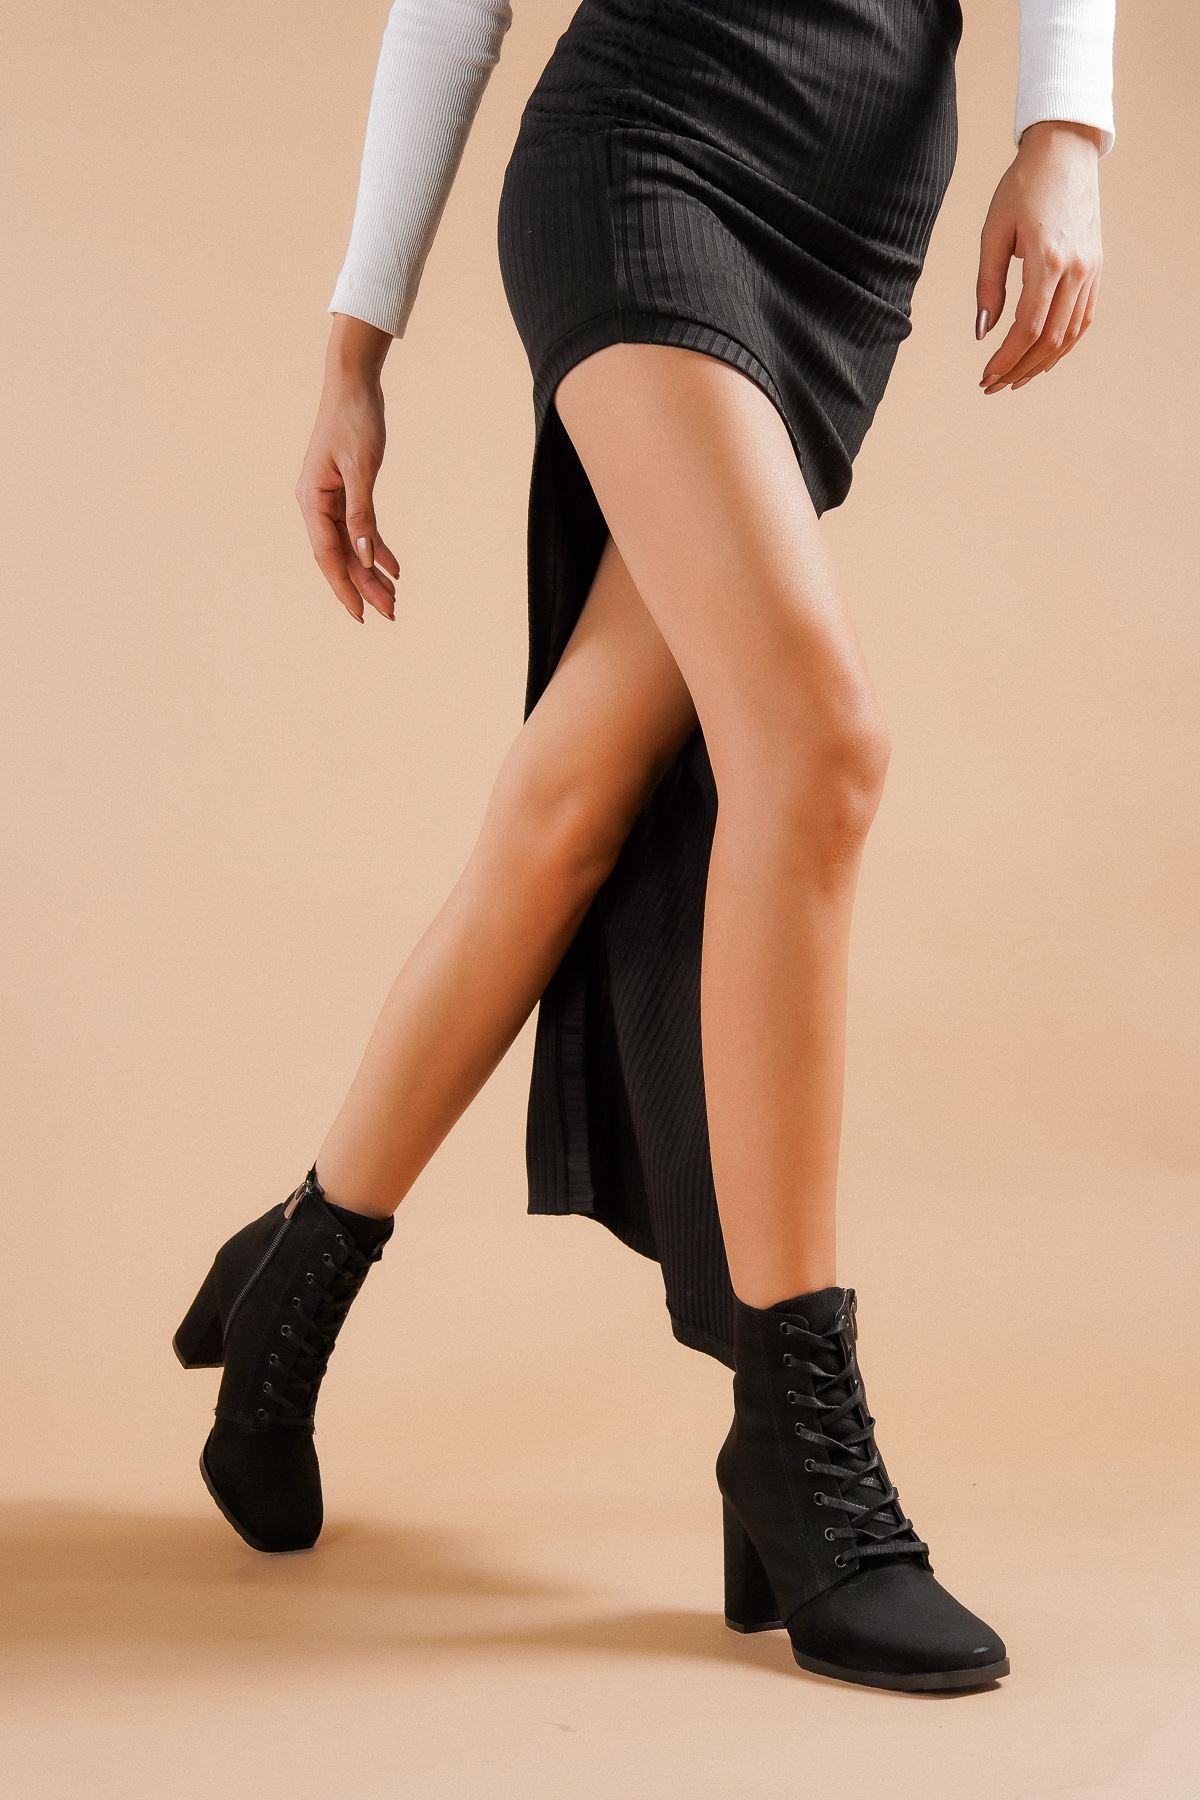 Audrey Siyah Süet Topuklu Kadın Bot